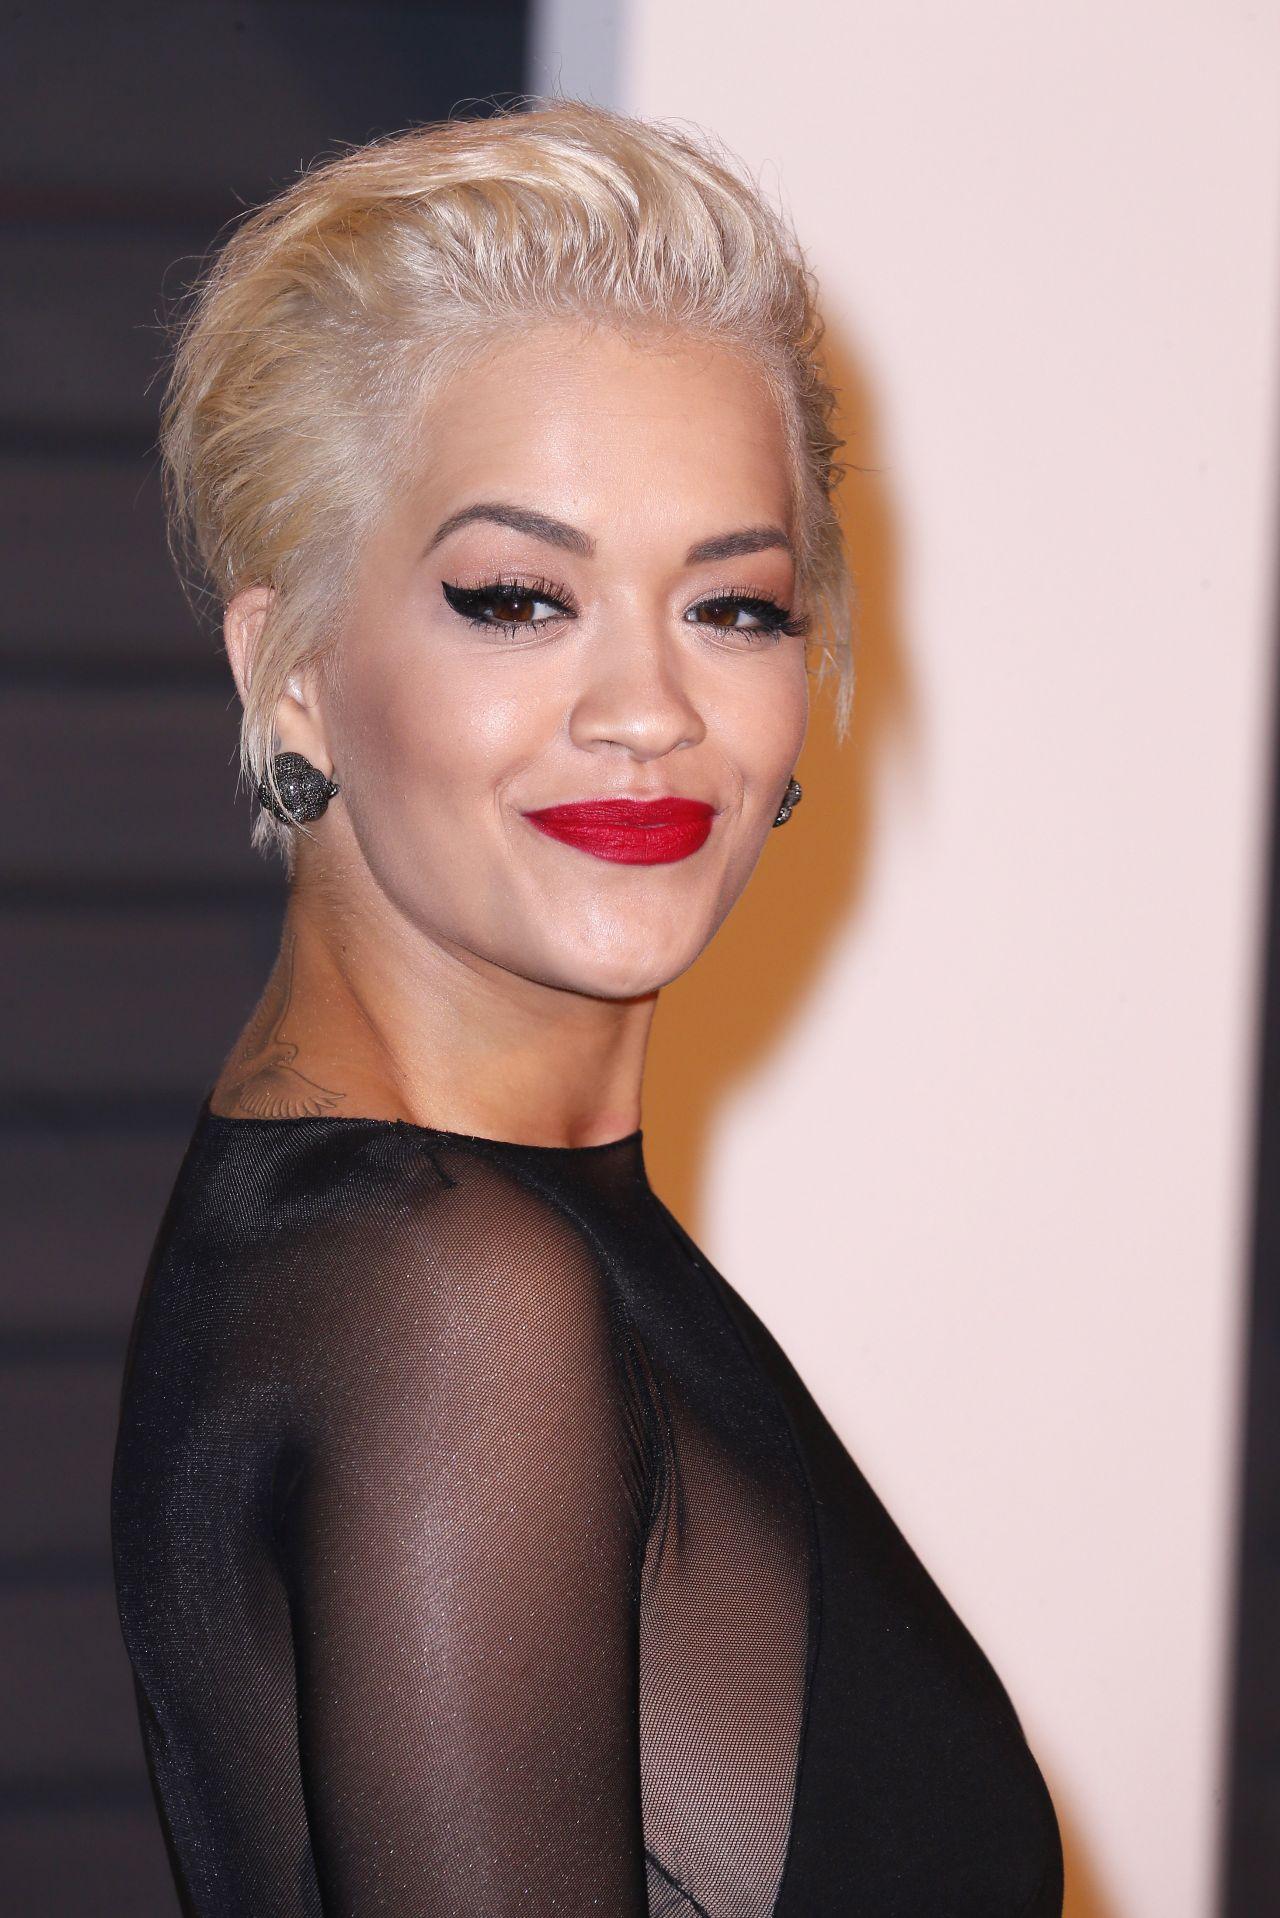 Rita Ora Fashion Shoot Photos: 2015 Vanity Fair Oscar Party In Hollywood